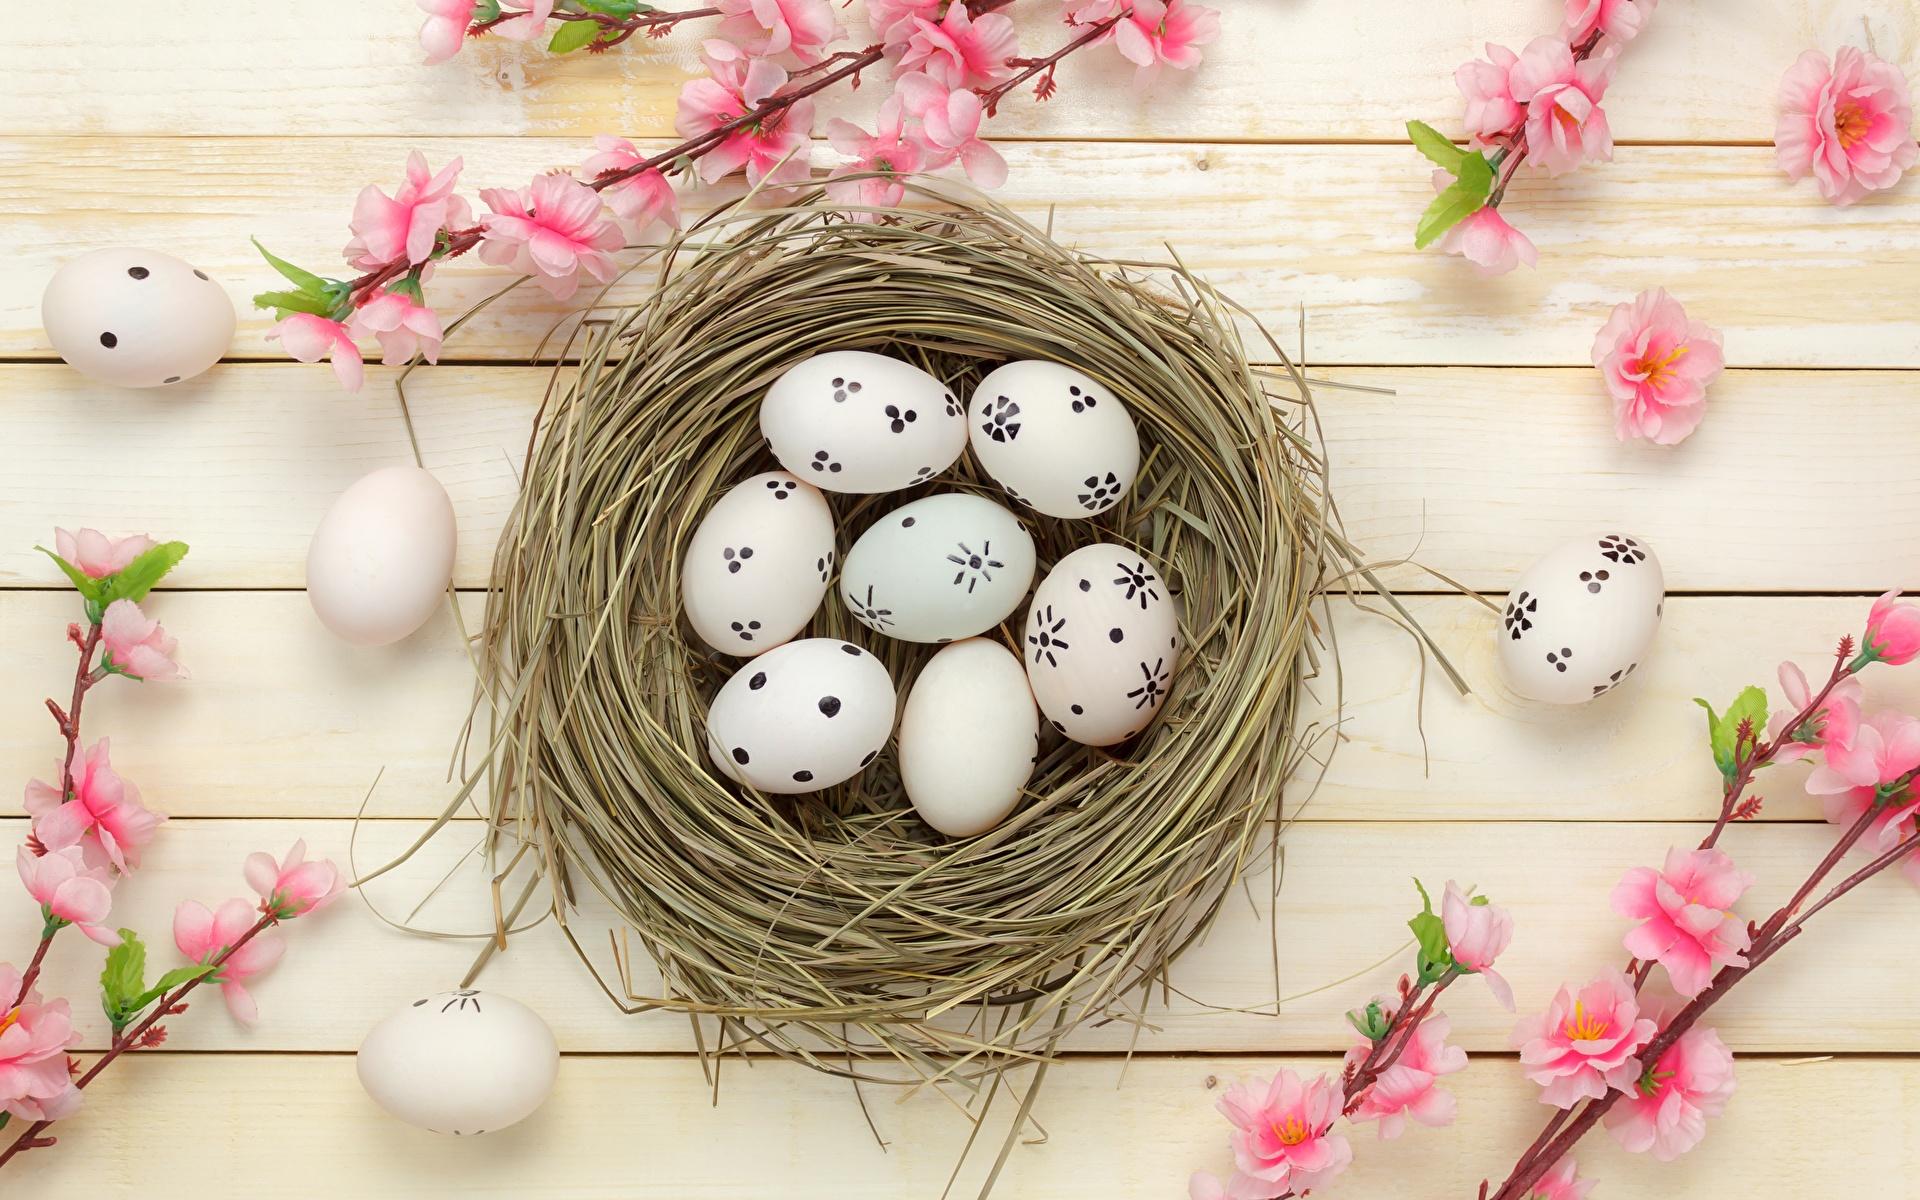 Фотография Пасха Яйца гнезде Доски 1920x1200 яиц яйцо яйцами гнезда Гнездо